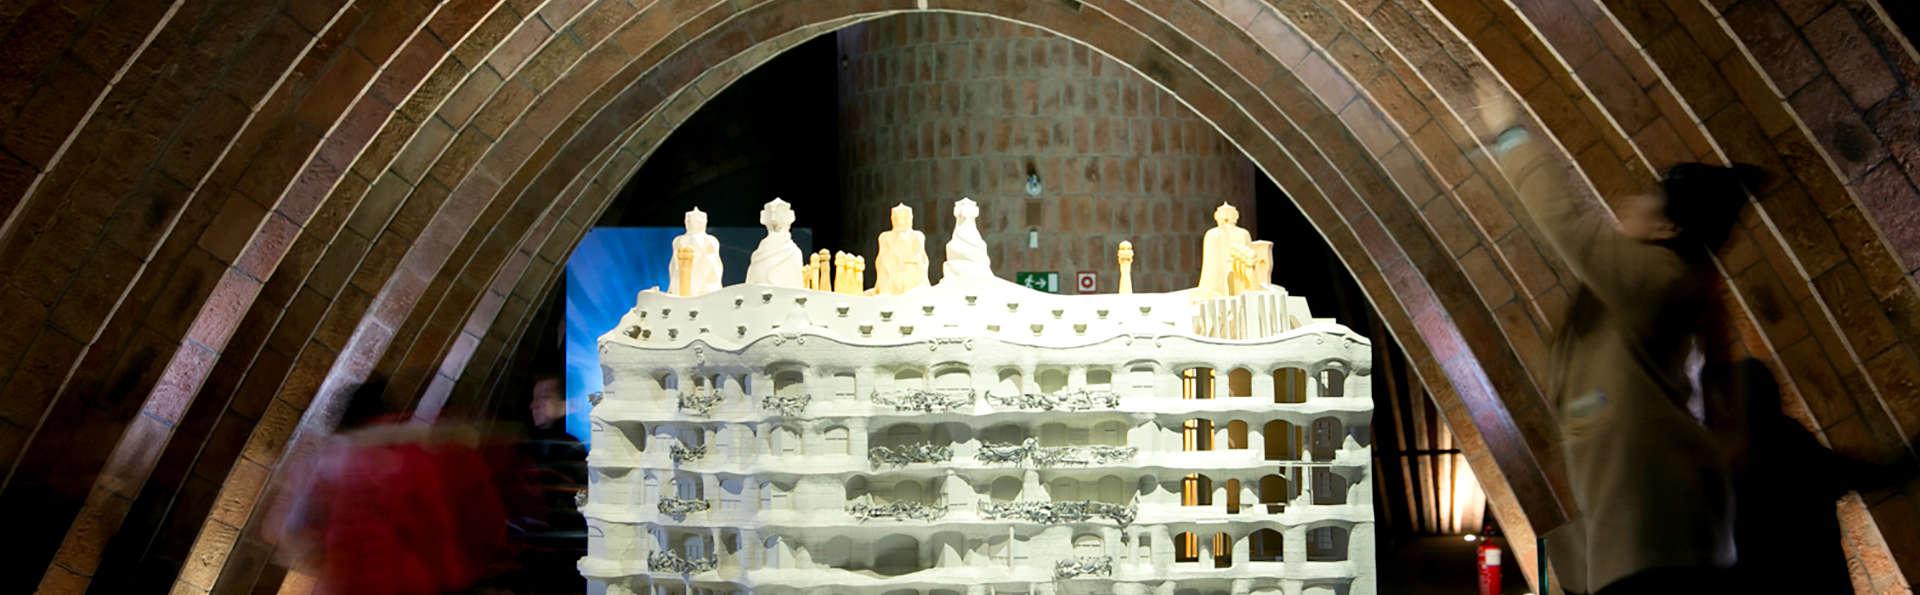 """Saveurs méditerranéennes: 1 dîner offert à Barcelone et accés à """"La Pedrera"""""""